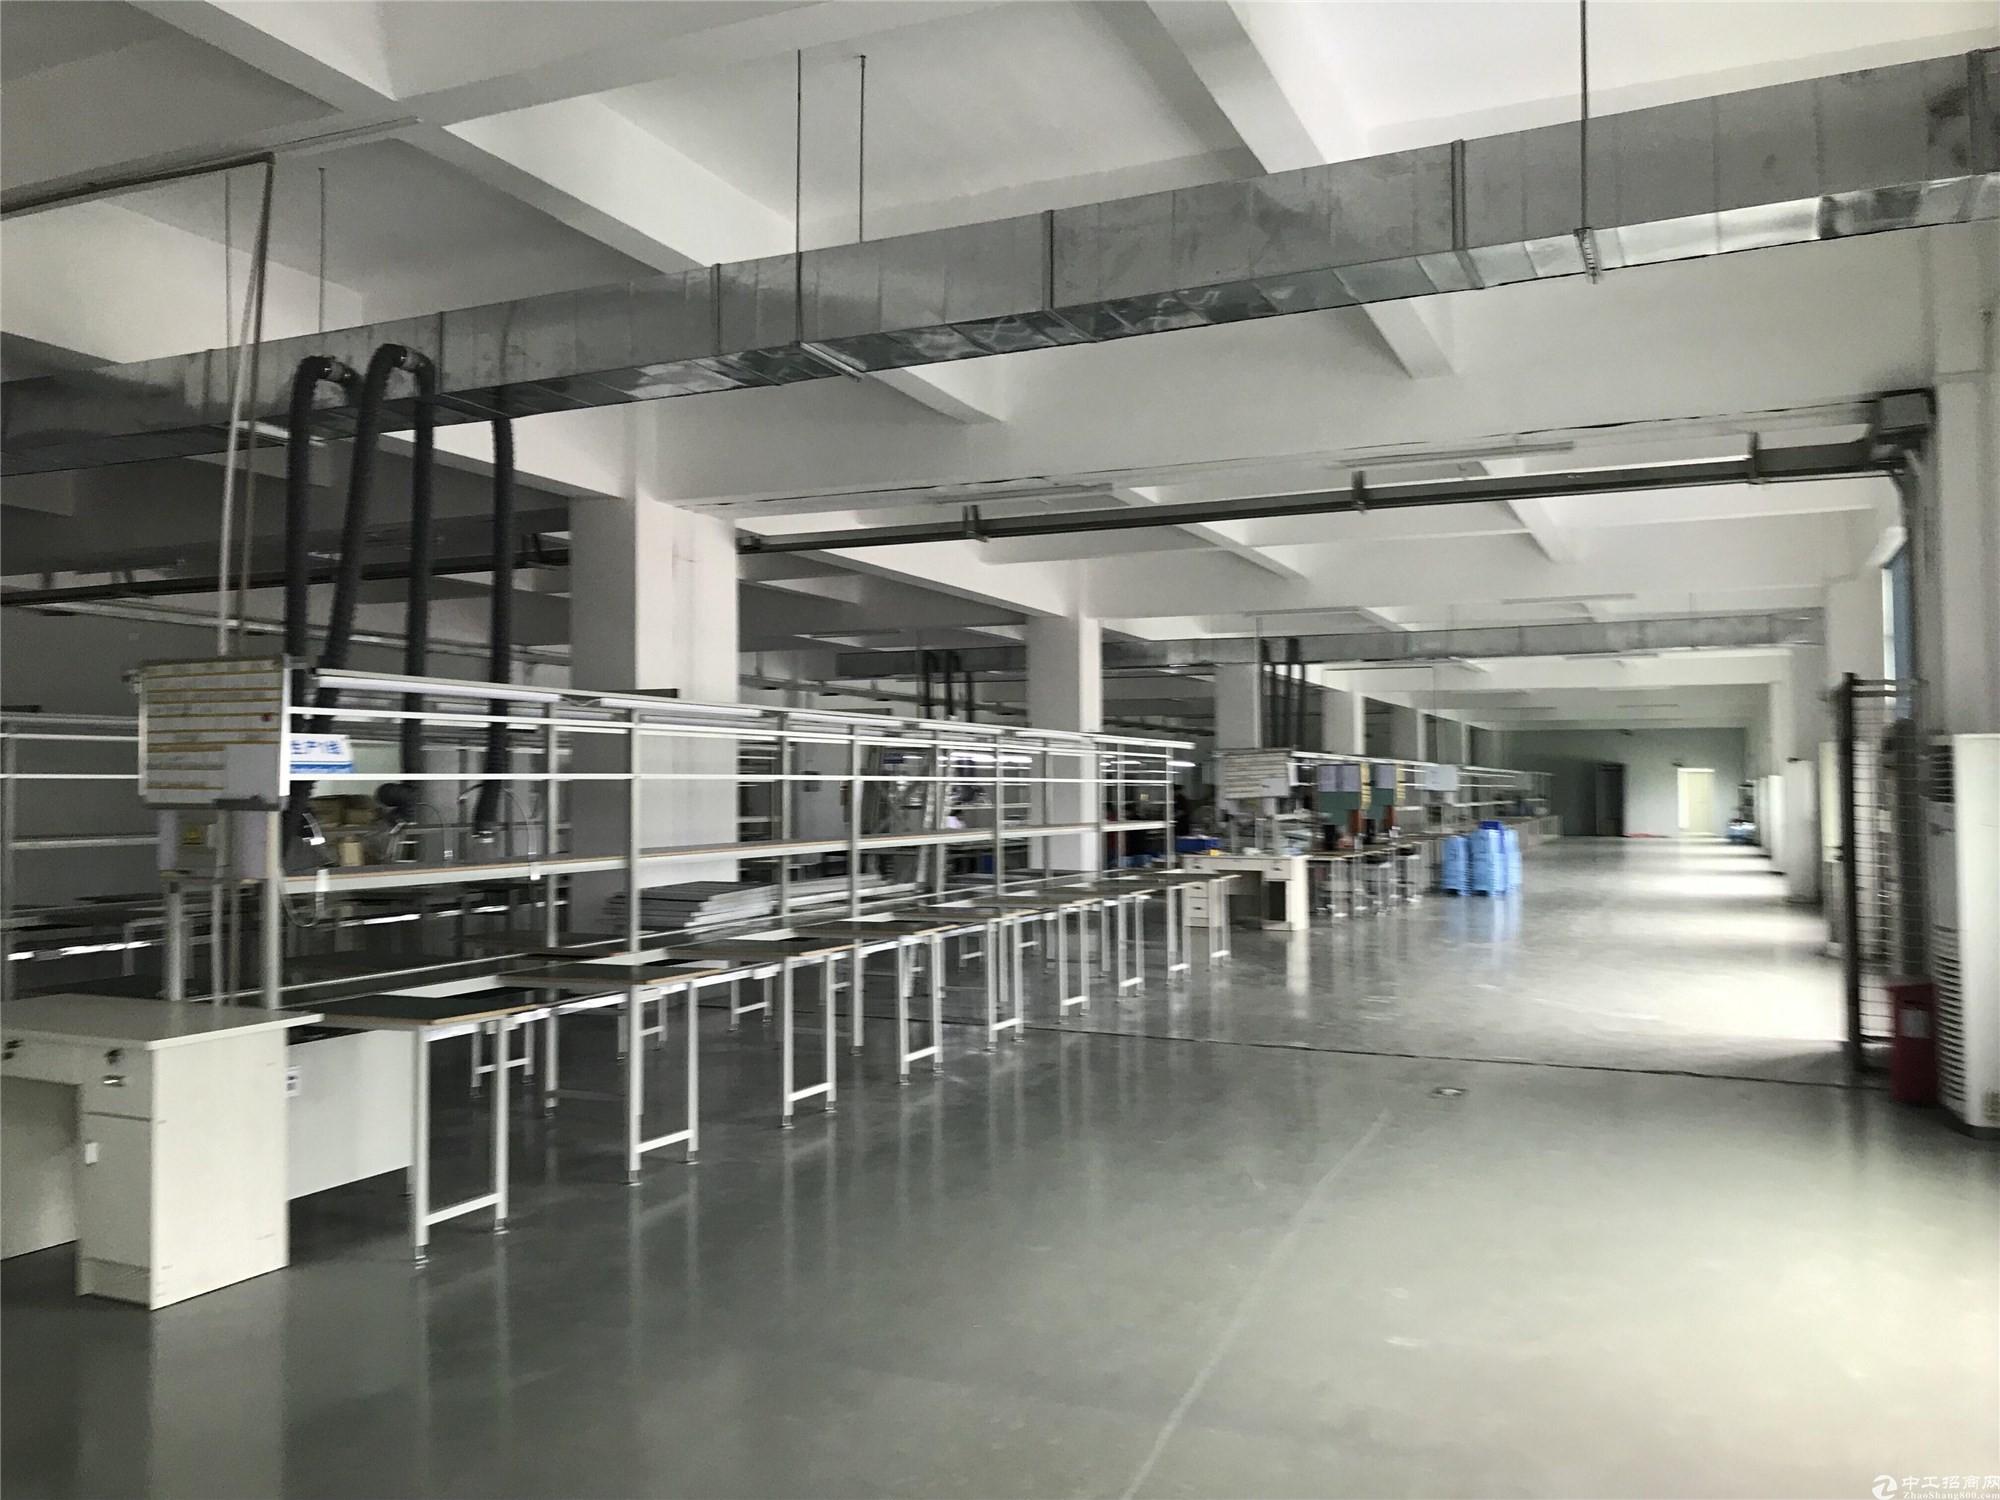 布吉丹竹头工业园区仓库厂房出租整层简装修1352平厂房合租